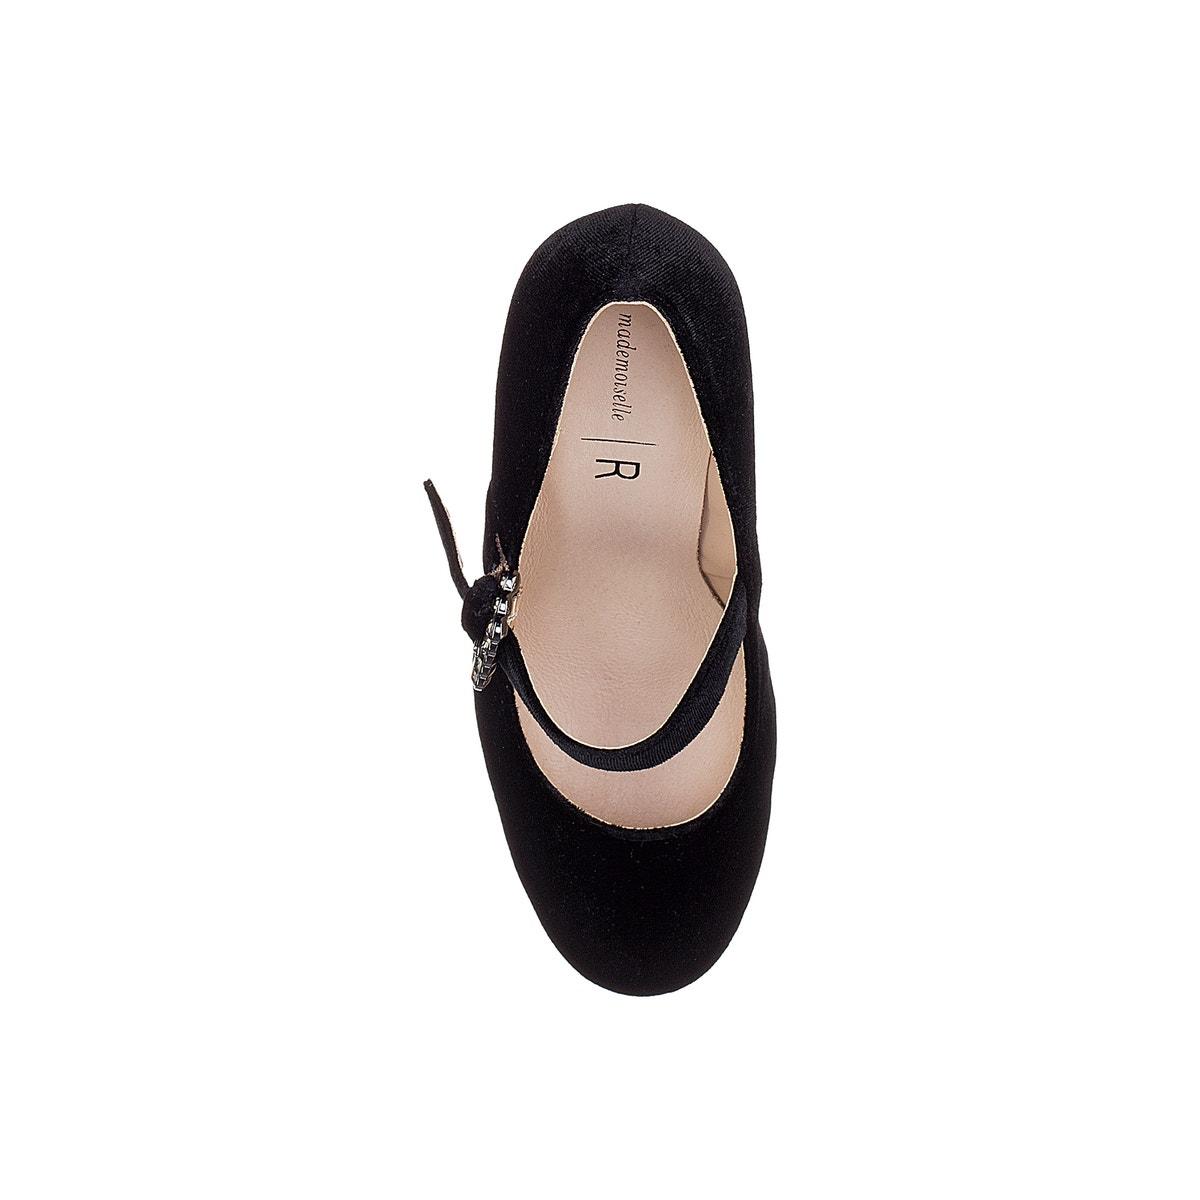 La rotoute damen Velvet Heels Heels Heels With Pretty Buckle c491df